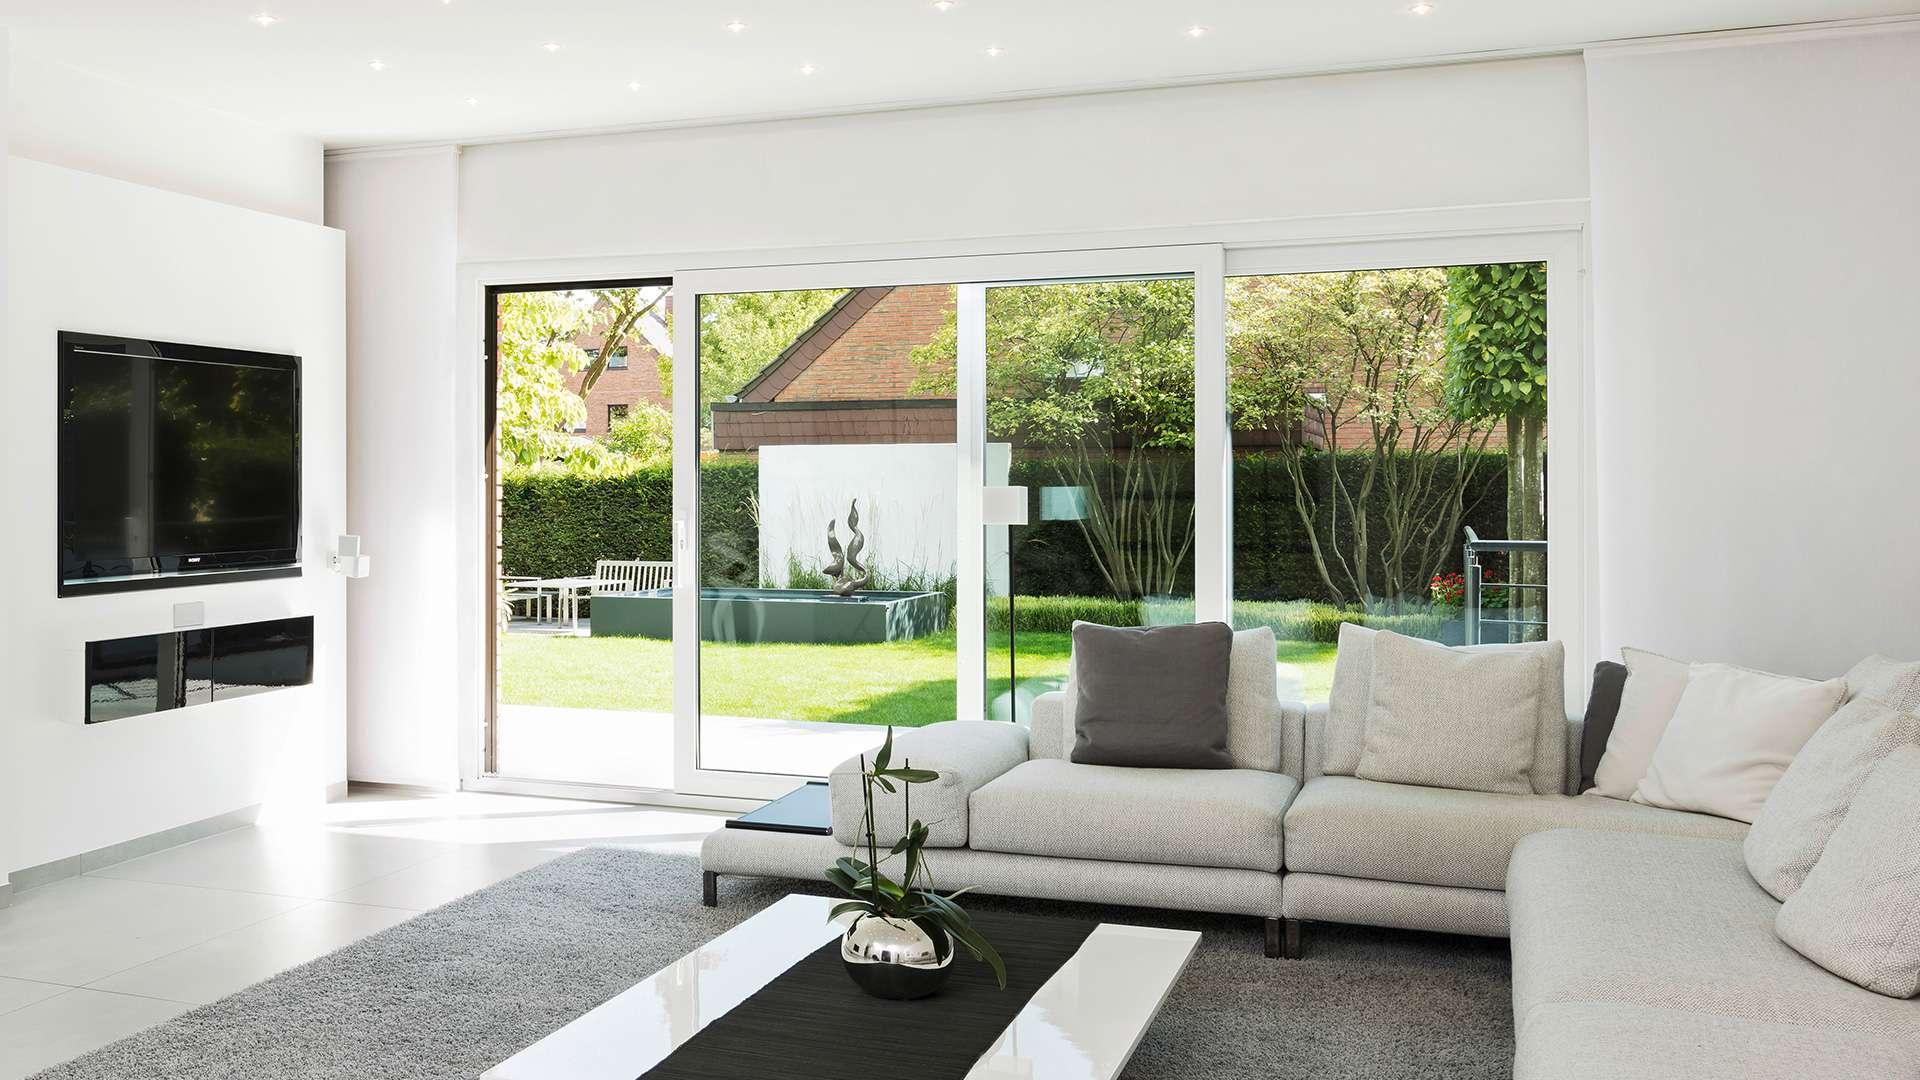 Wohnzimmer mit bodentiefen Schiebefenstern zum Garten